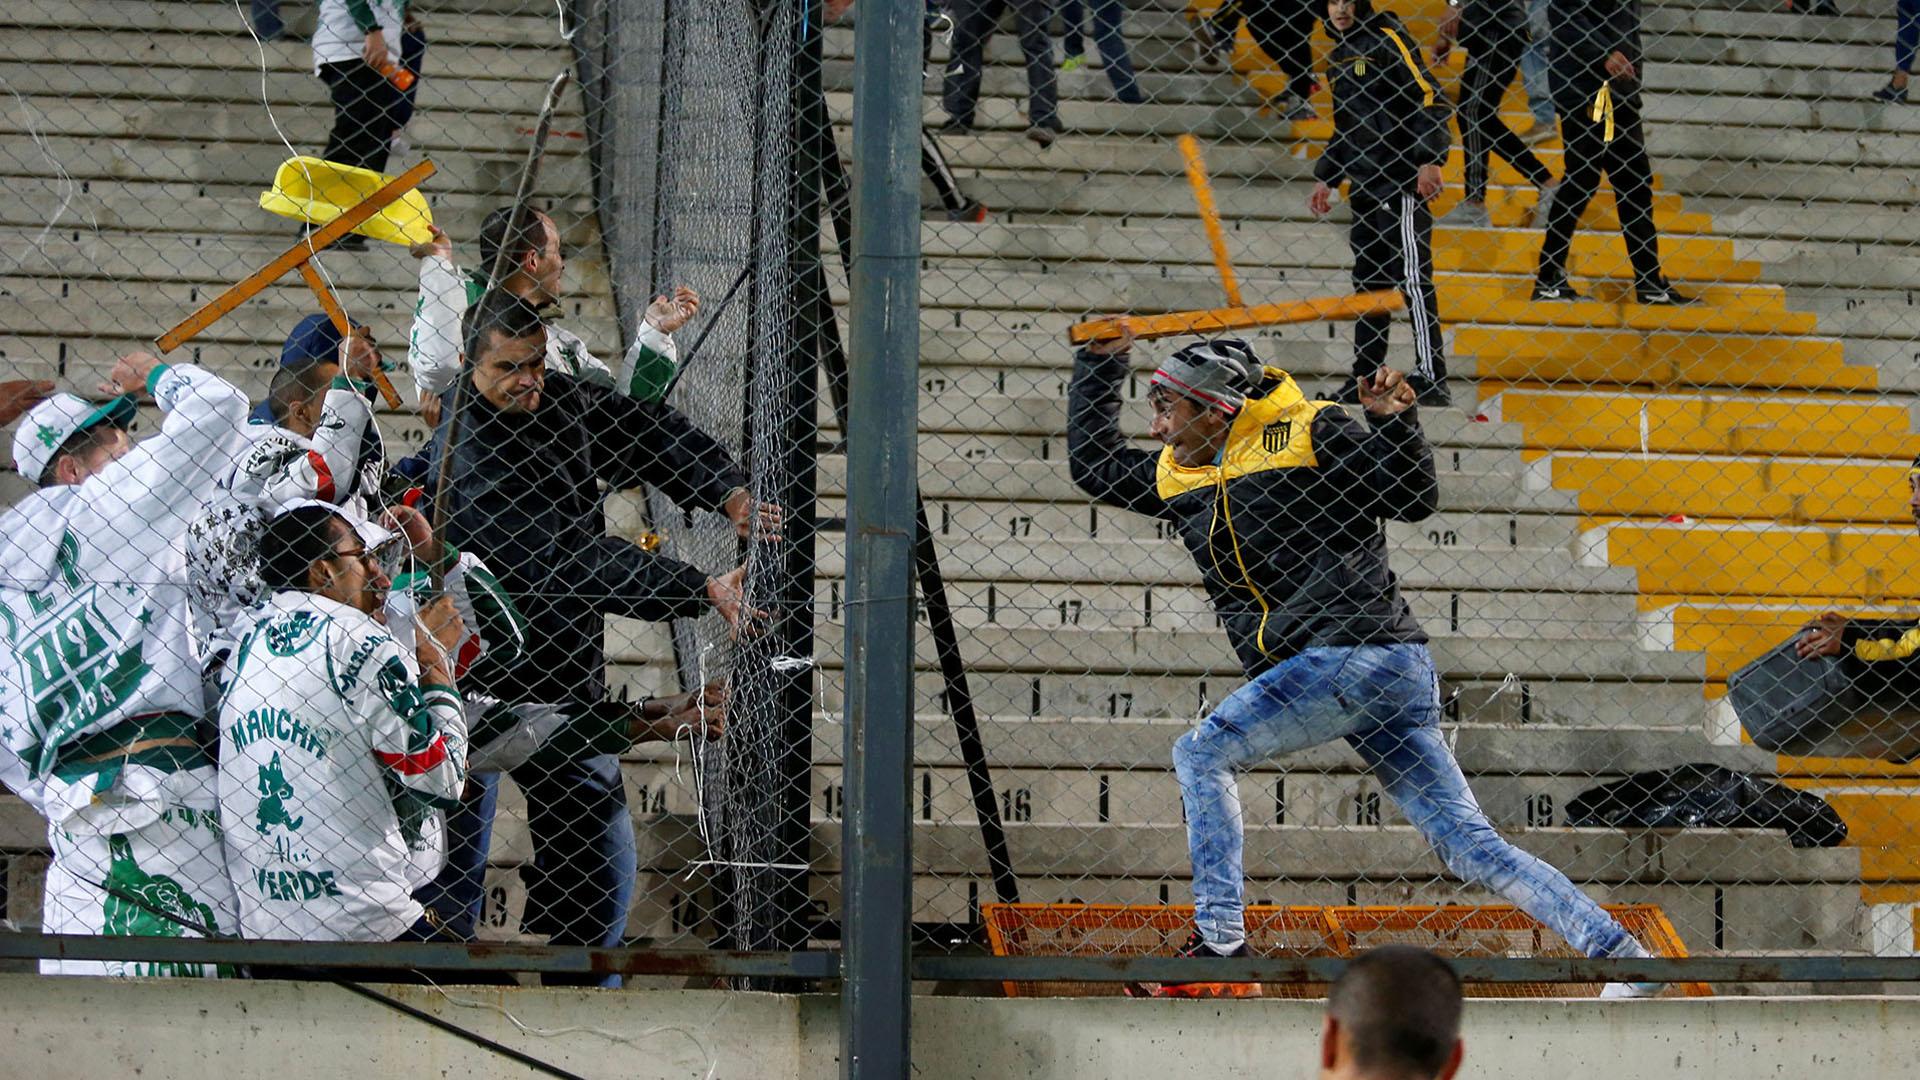 La violencia entre los jugadores de Peñarol y Palmeiras se trasladó a las tribunas (Reuters)